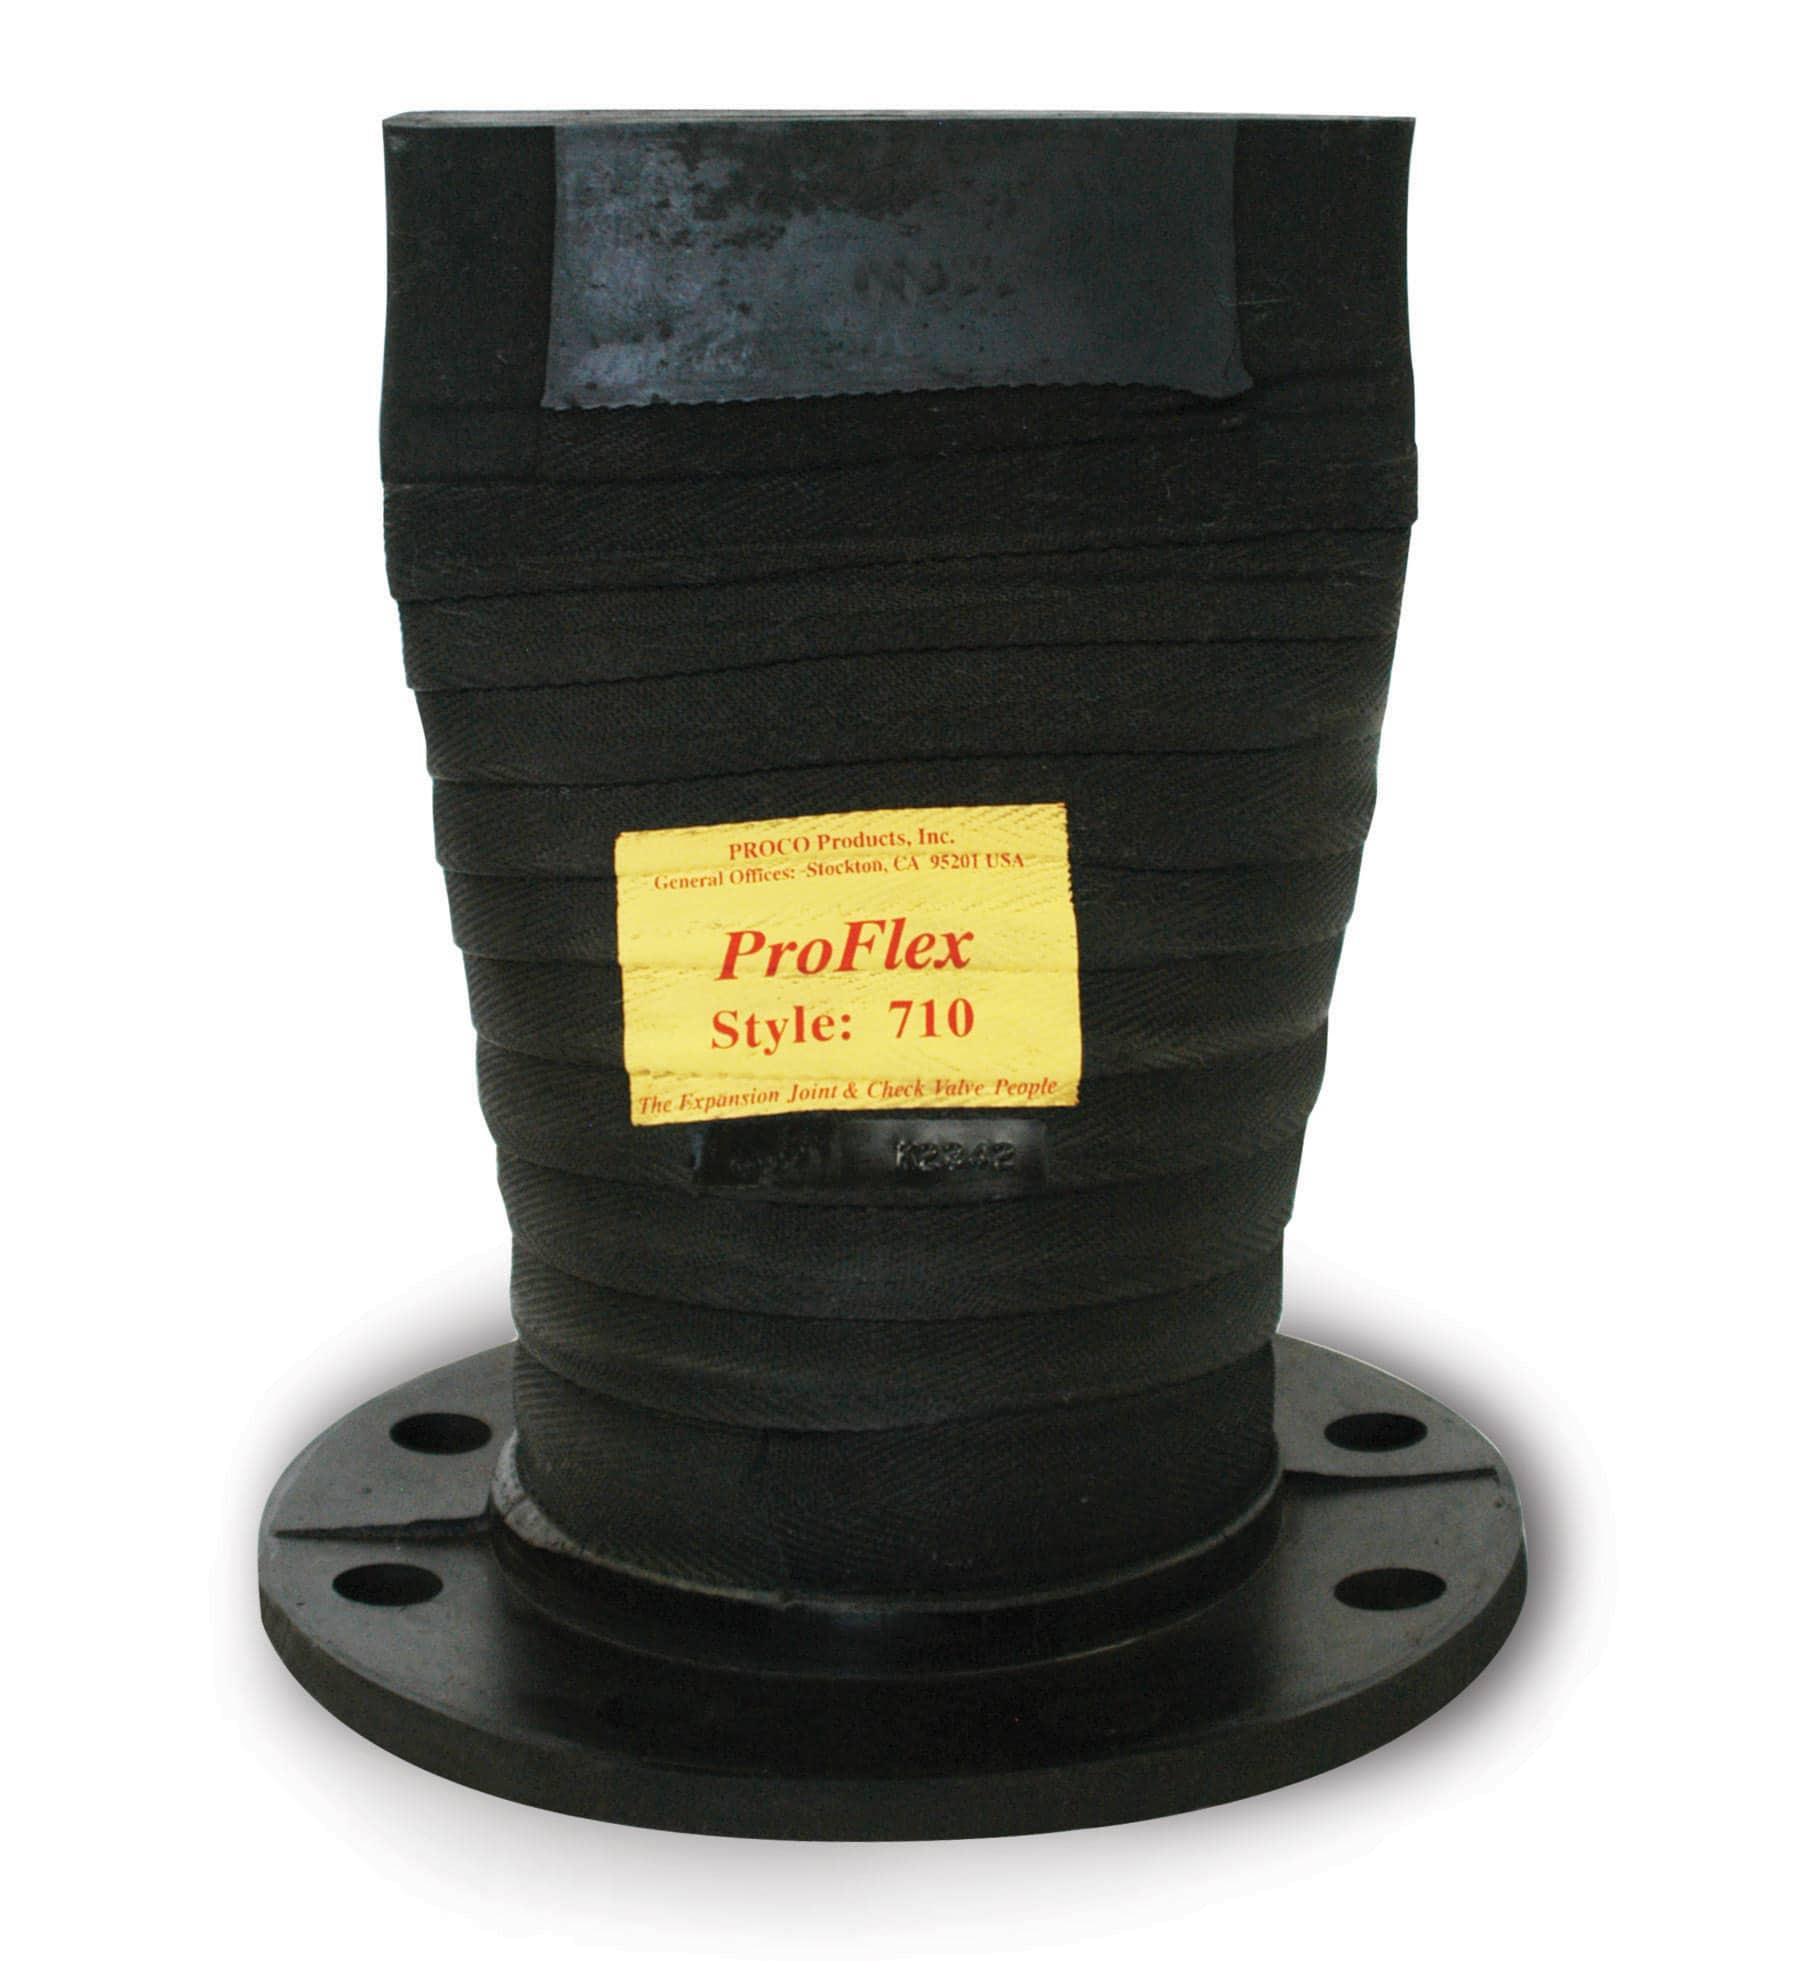 Series-710 duckbill check valve